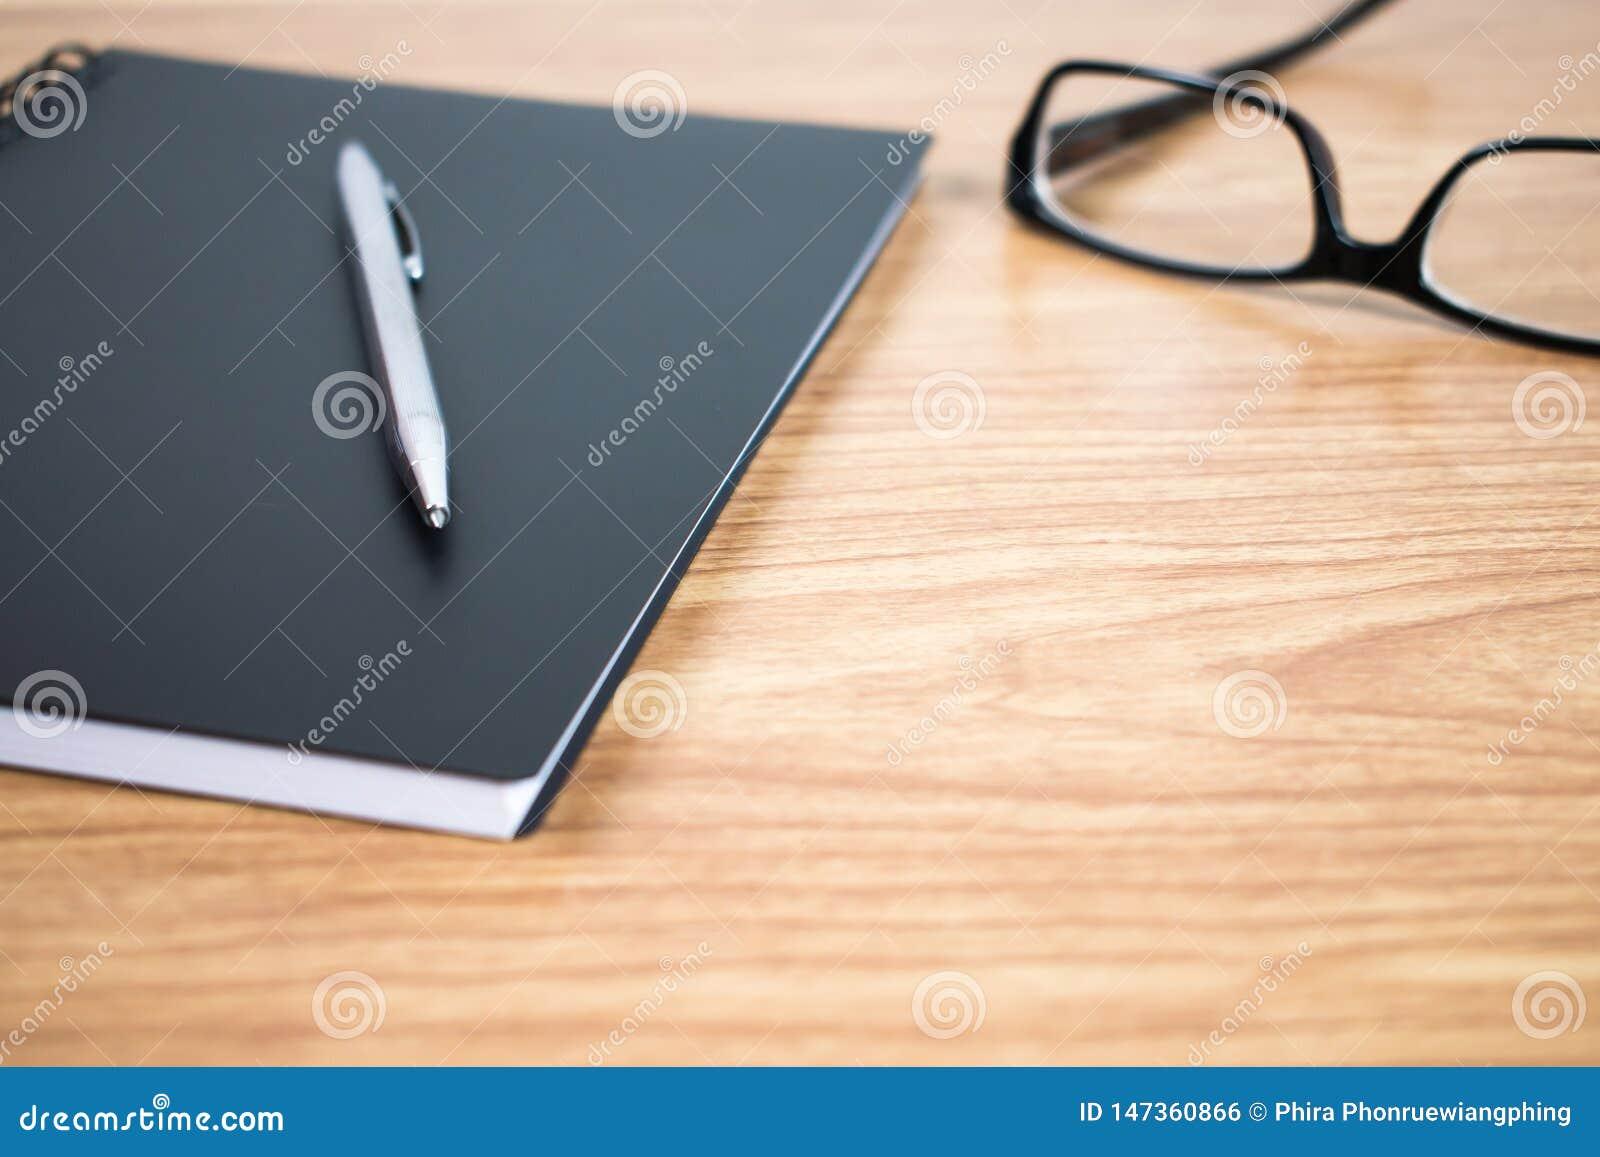 Boczny widok pióro w pogotowiu na stole notatnik i z bliska